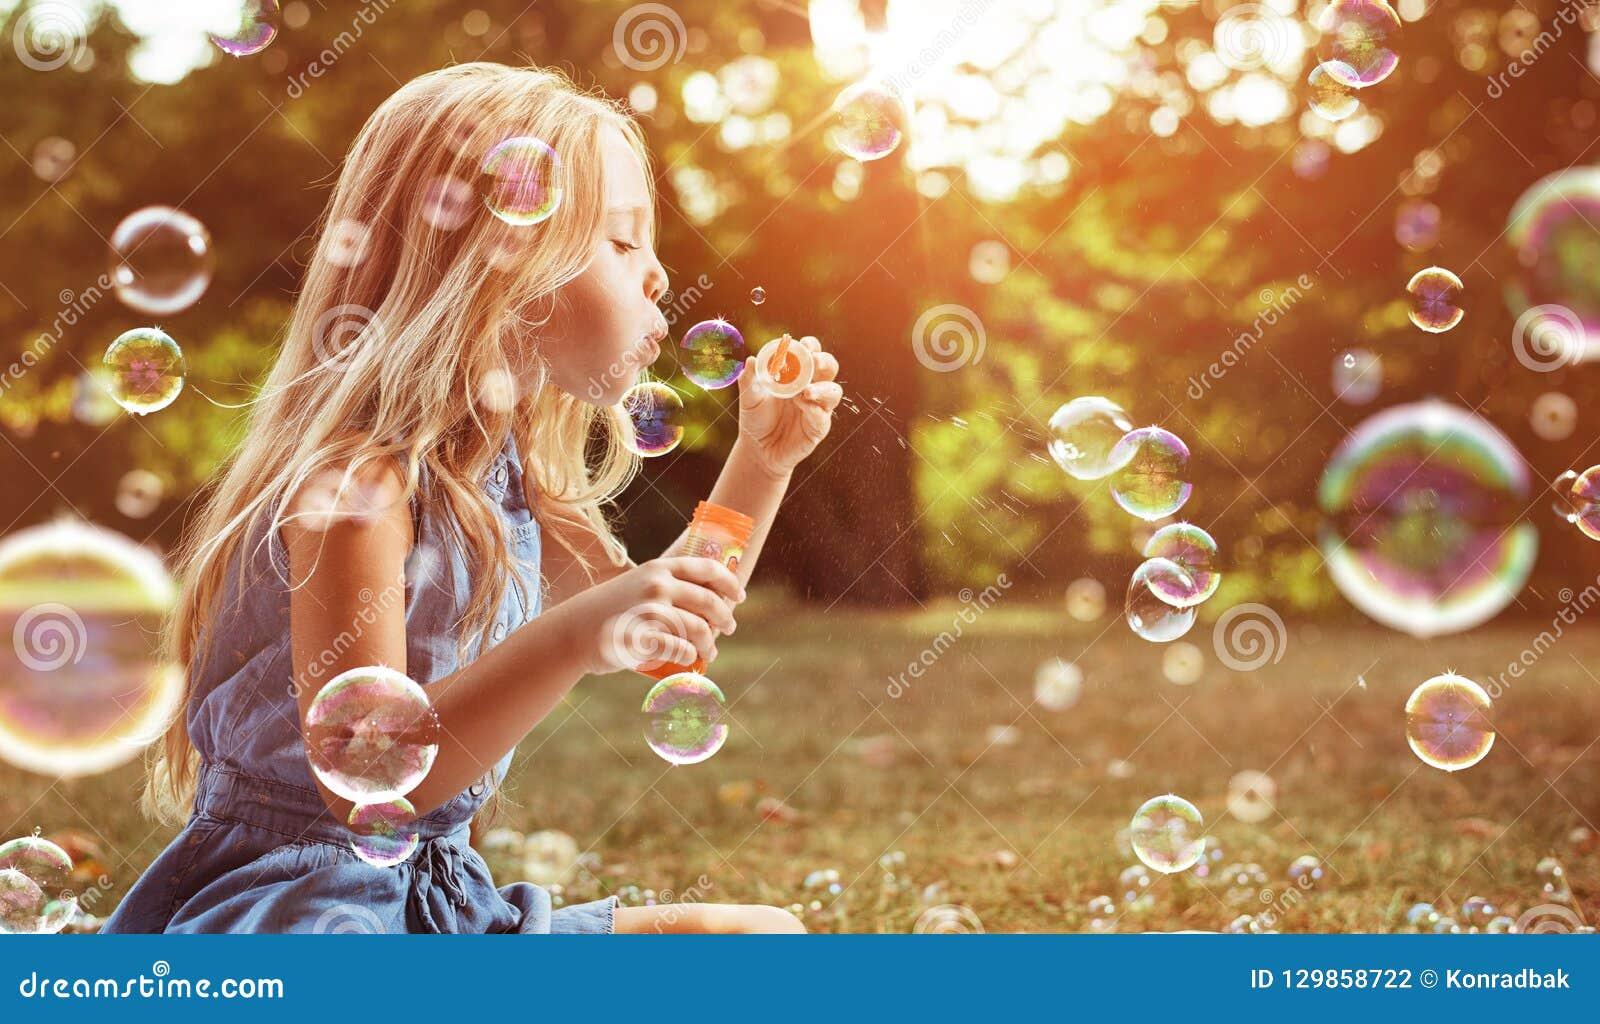 Portret van een vrolijke meisjes blazende zeepbels